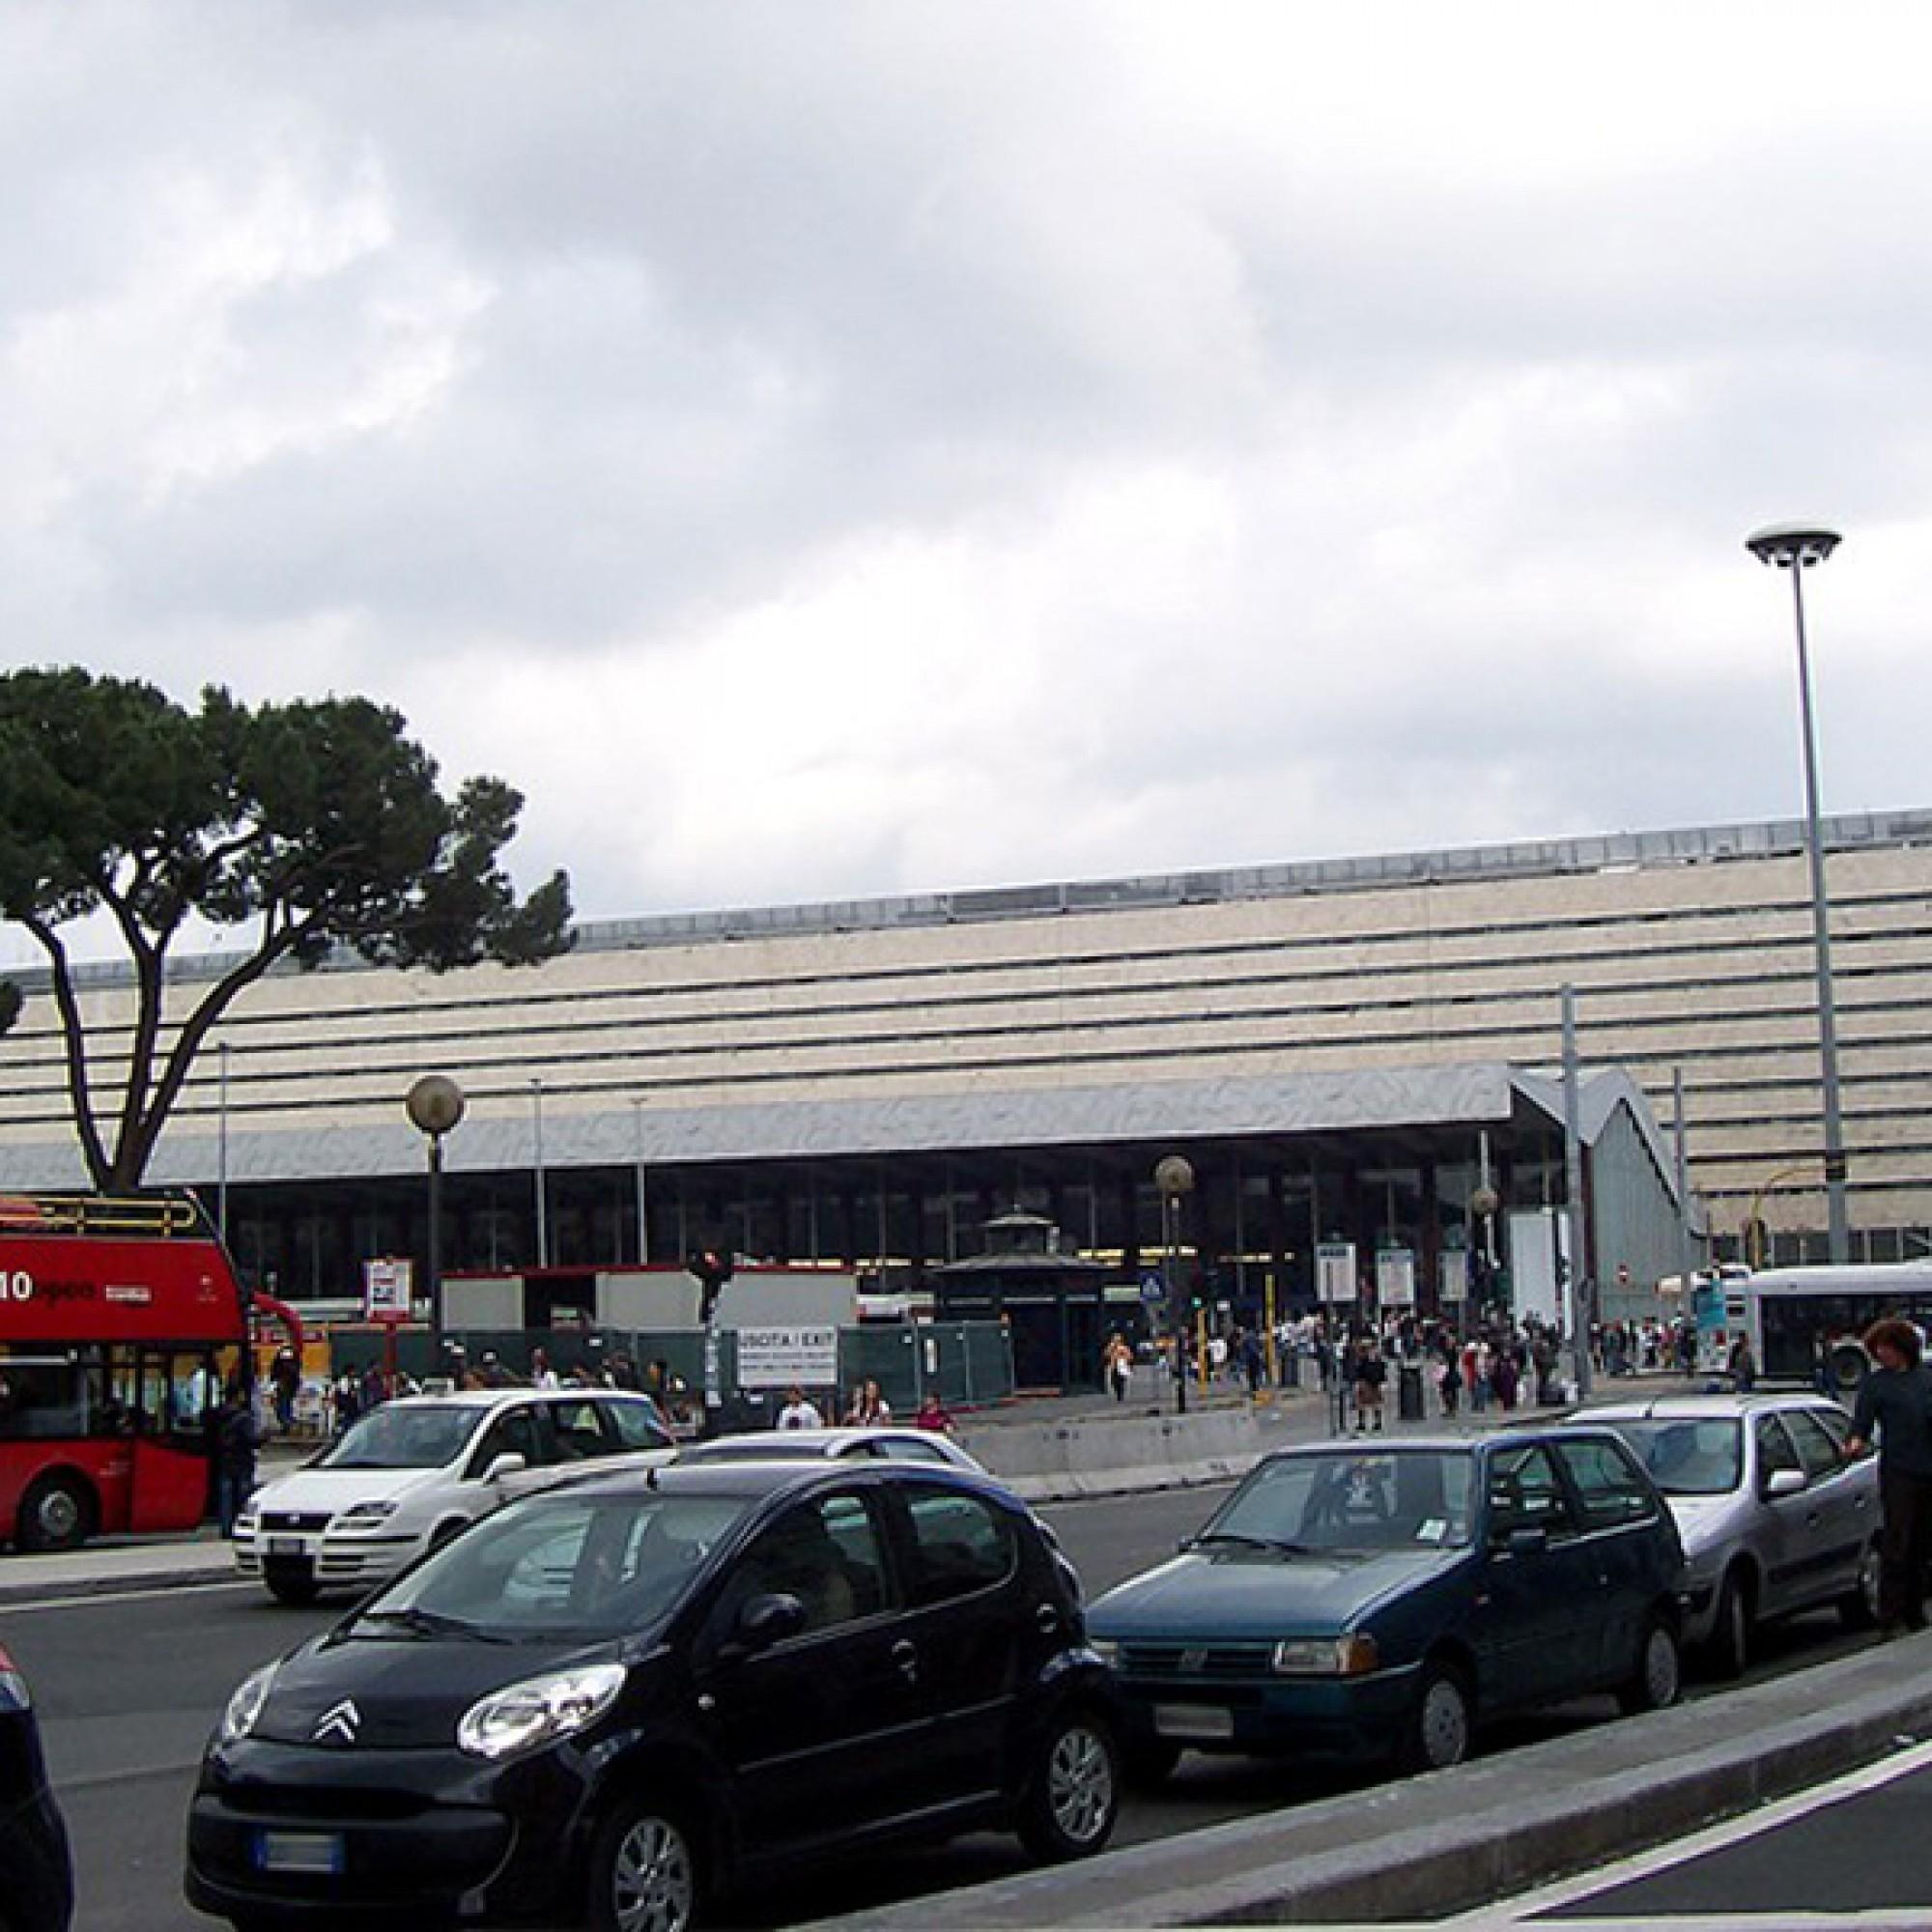 Das Verkehrschaos gehört zum Alltag der Römer. Parkplätze sind rar, deshalb soll ein Parkplatz auf dem Bahnhofsdach entstehen. (Geobia_Wikimedia Commons)